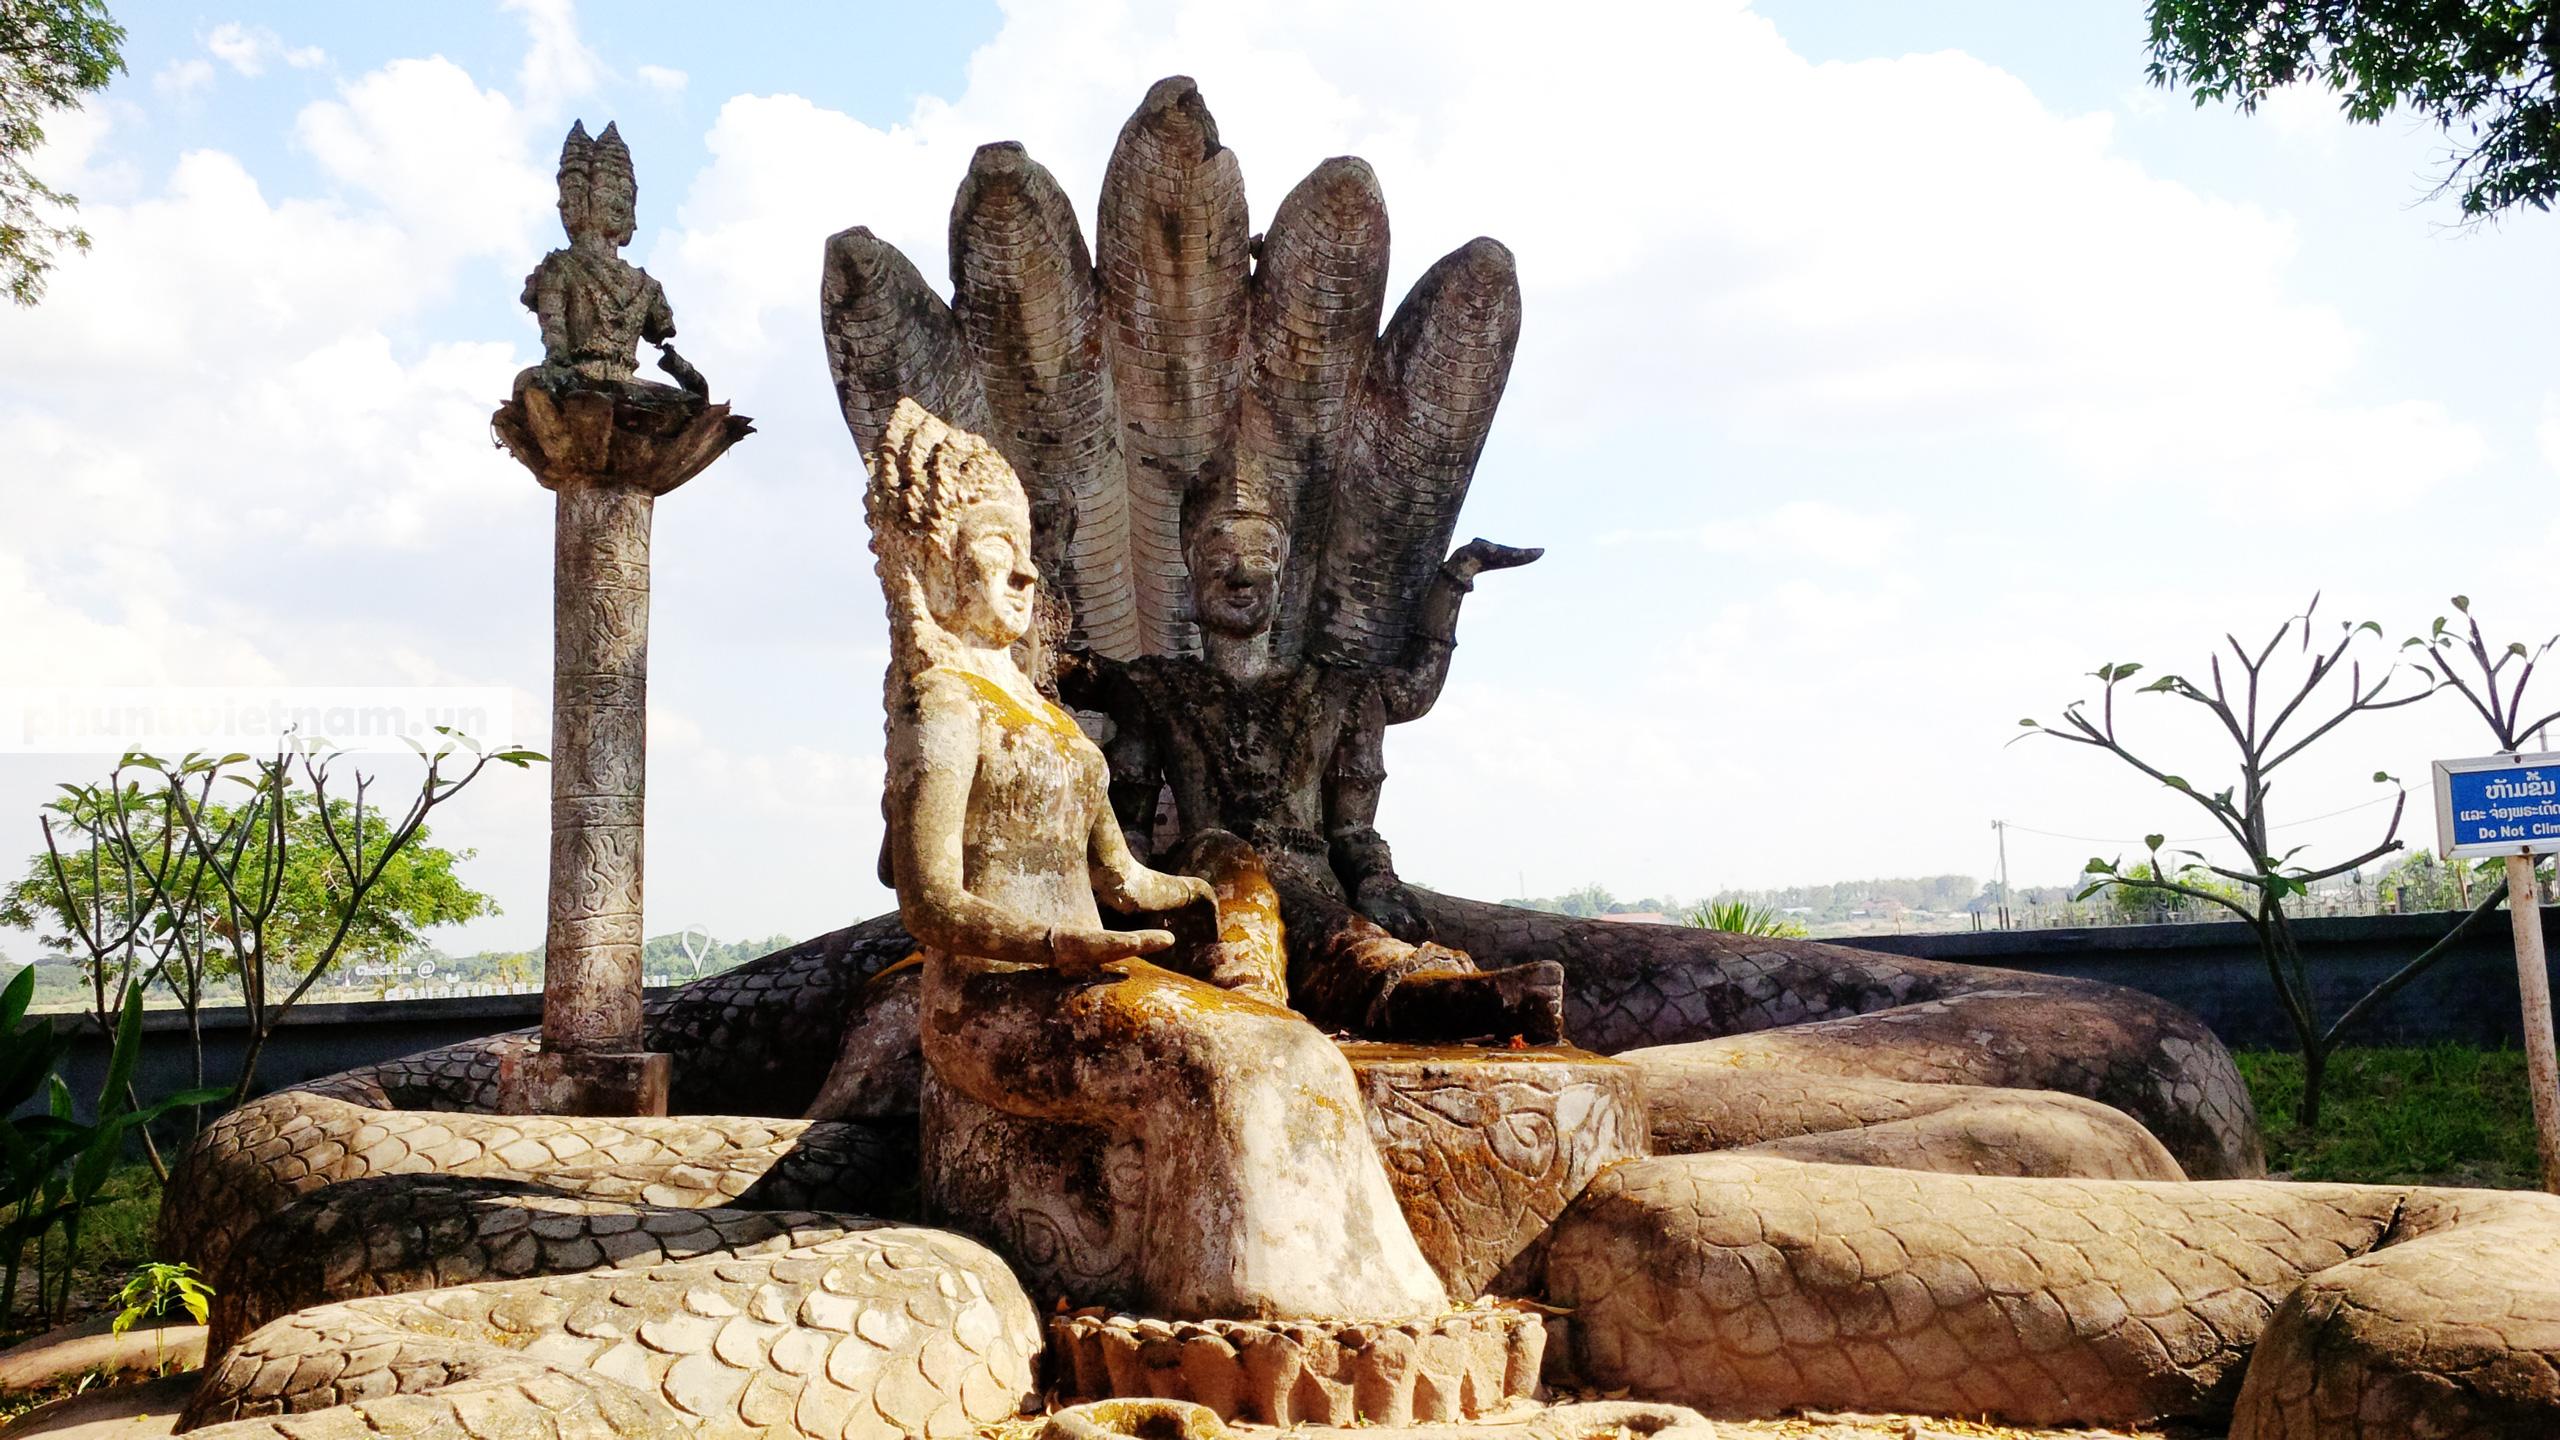 Độc đáo những bức tượng rắn trong chùa ở Viêng Chăn - Ảnh 5.